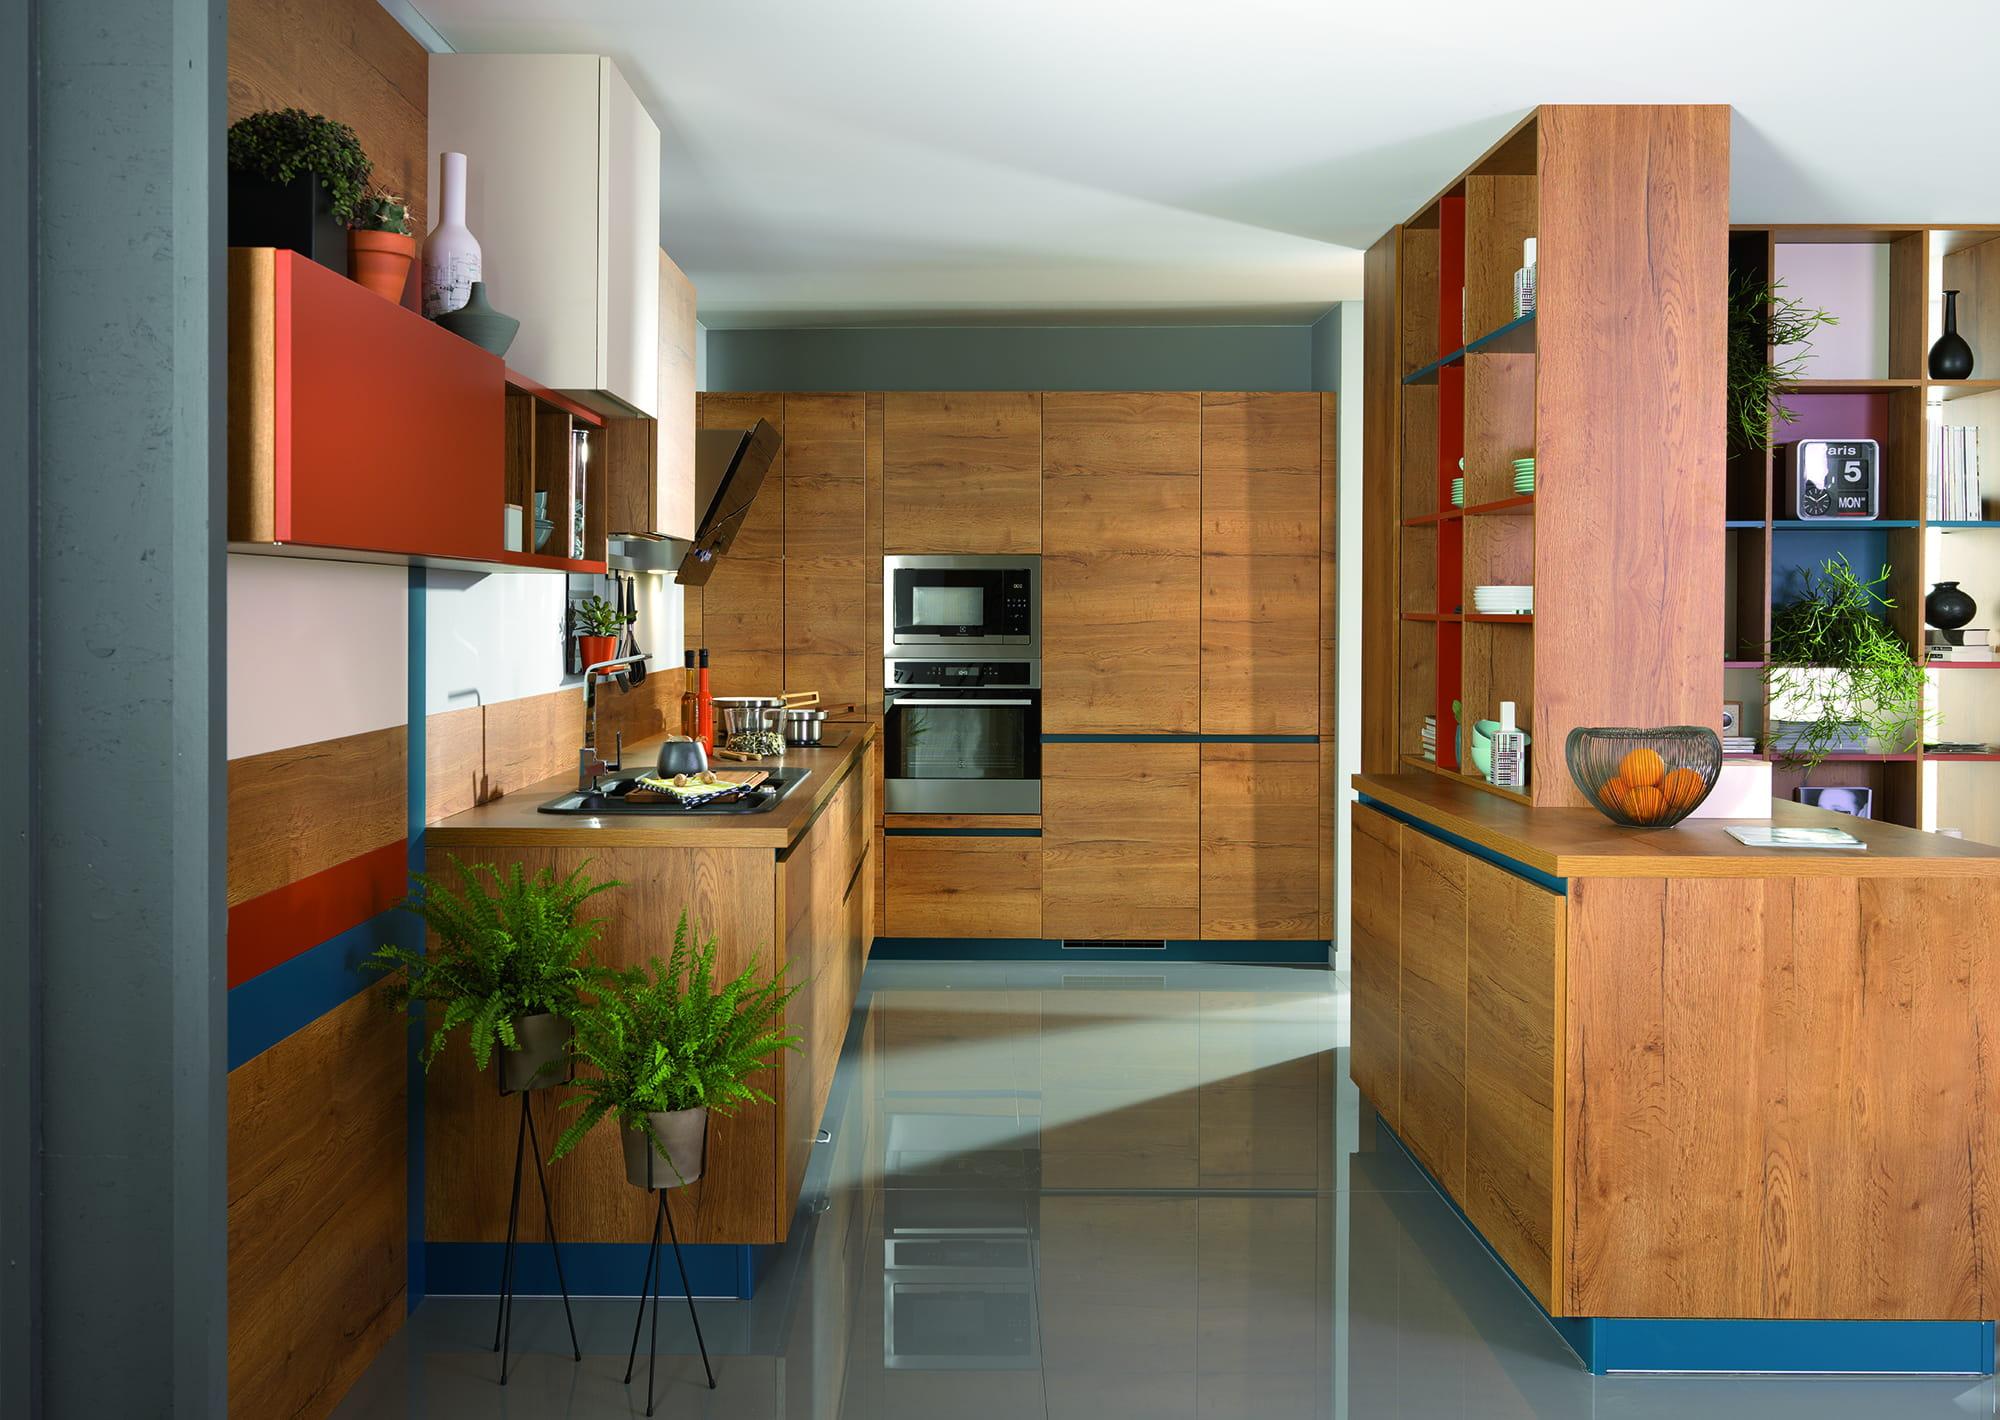 i-cms.journaldesfemmes.com/image_cms/original/10022396-cuisine-arcos-eolis-schmidt